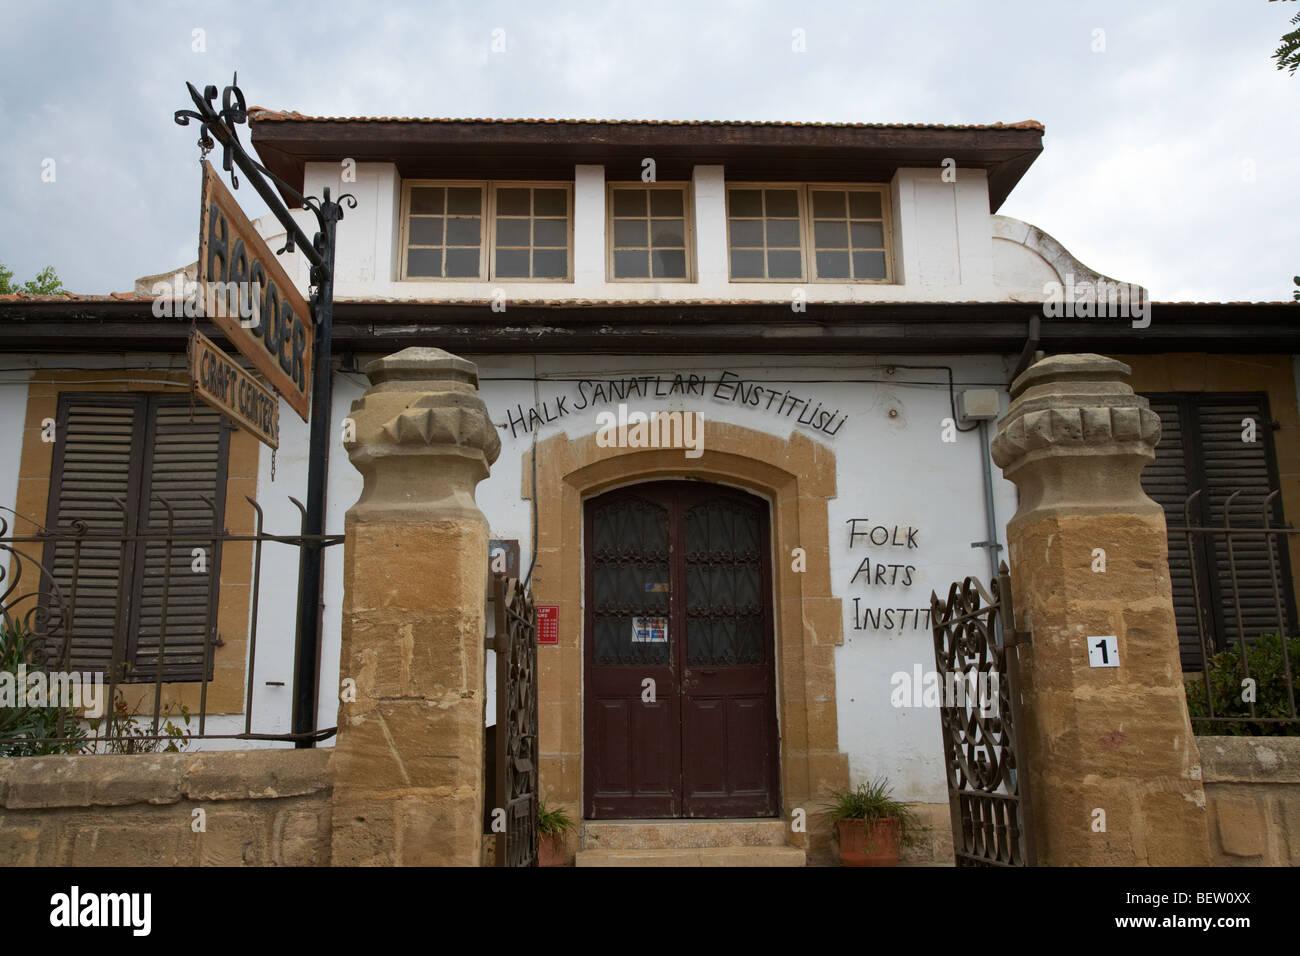 Musée des arts populaires hasder craft centre à Chypre-nord République turque de Chypre du nord Photo Stock